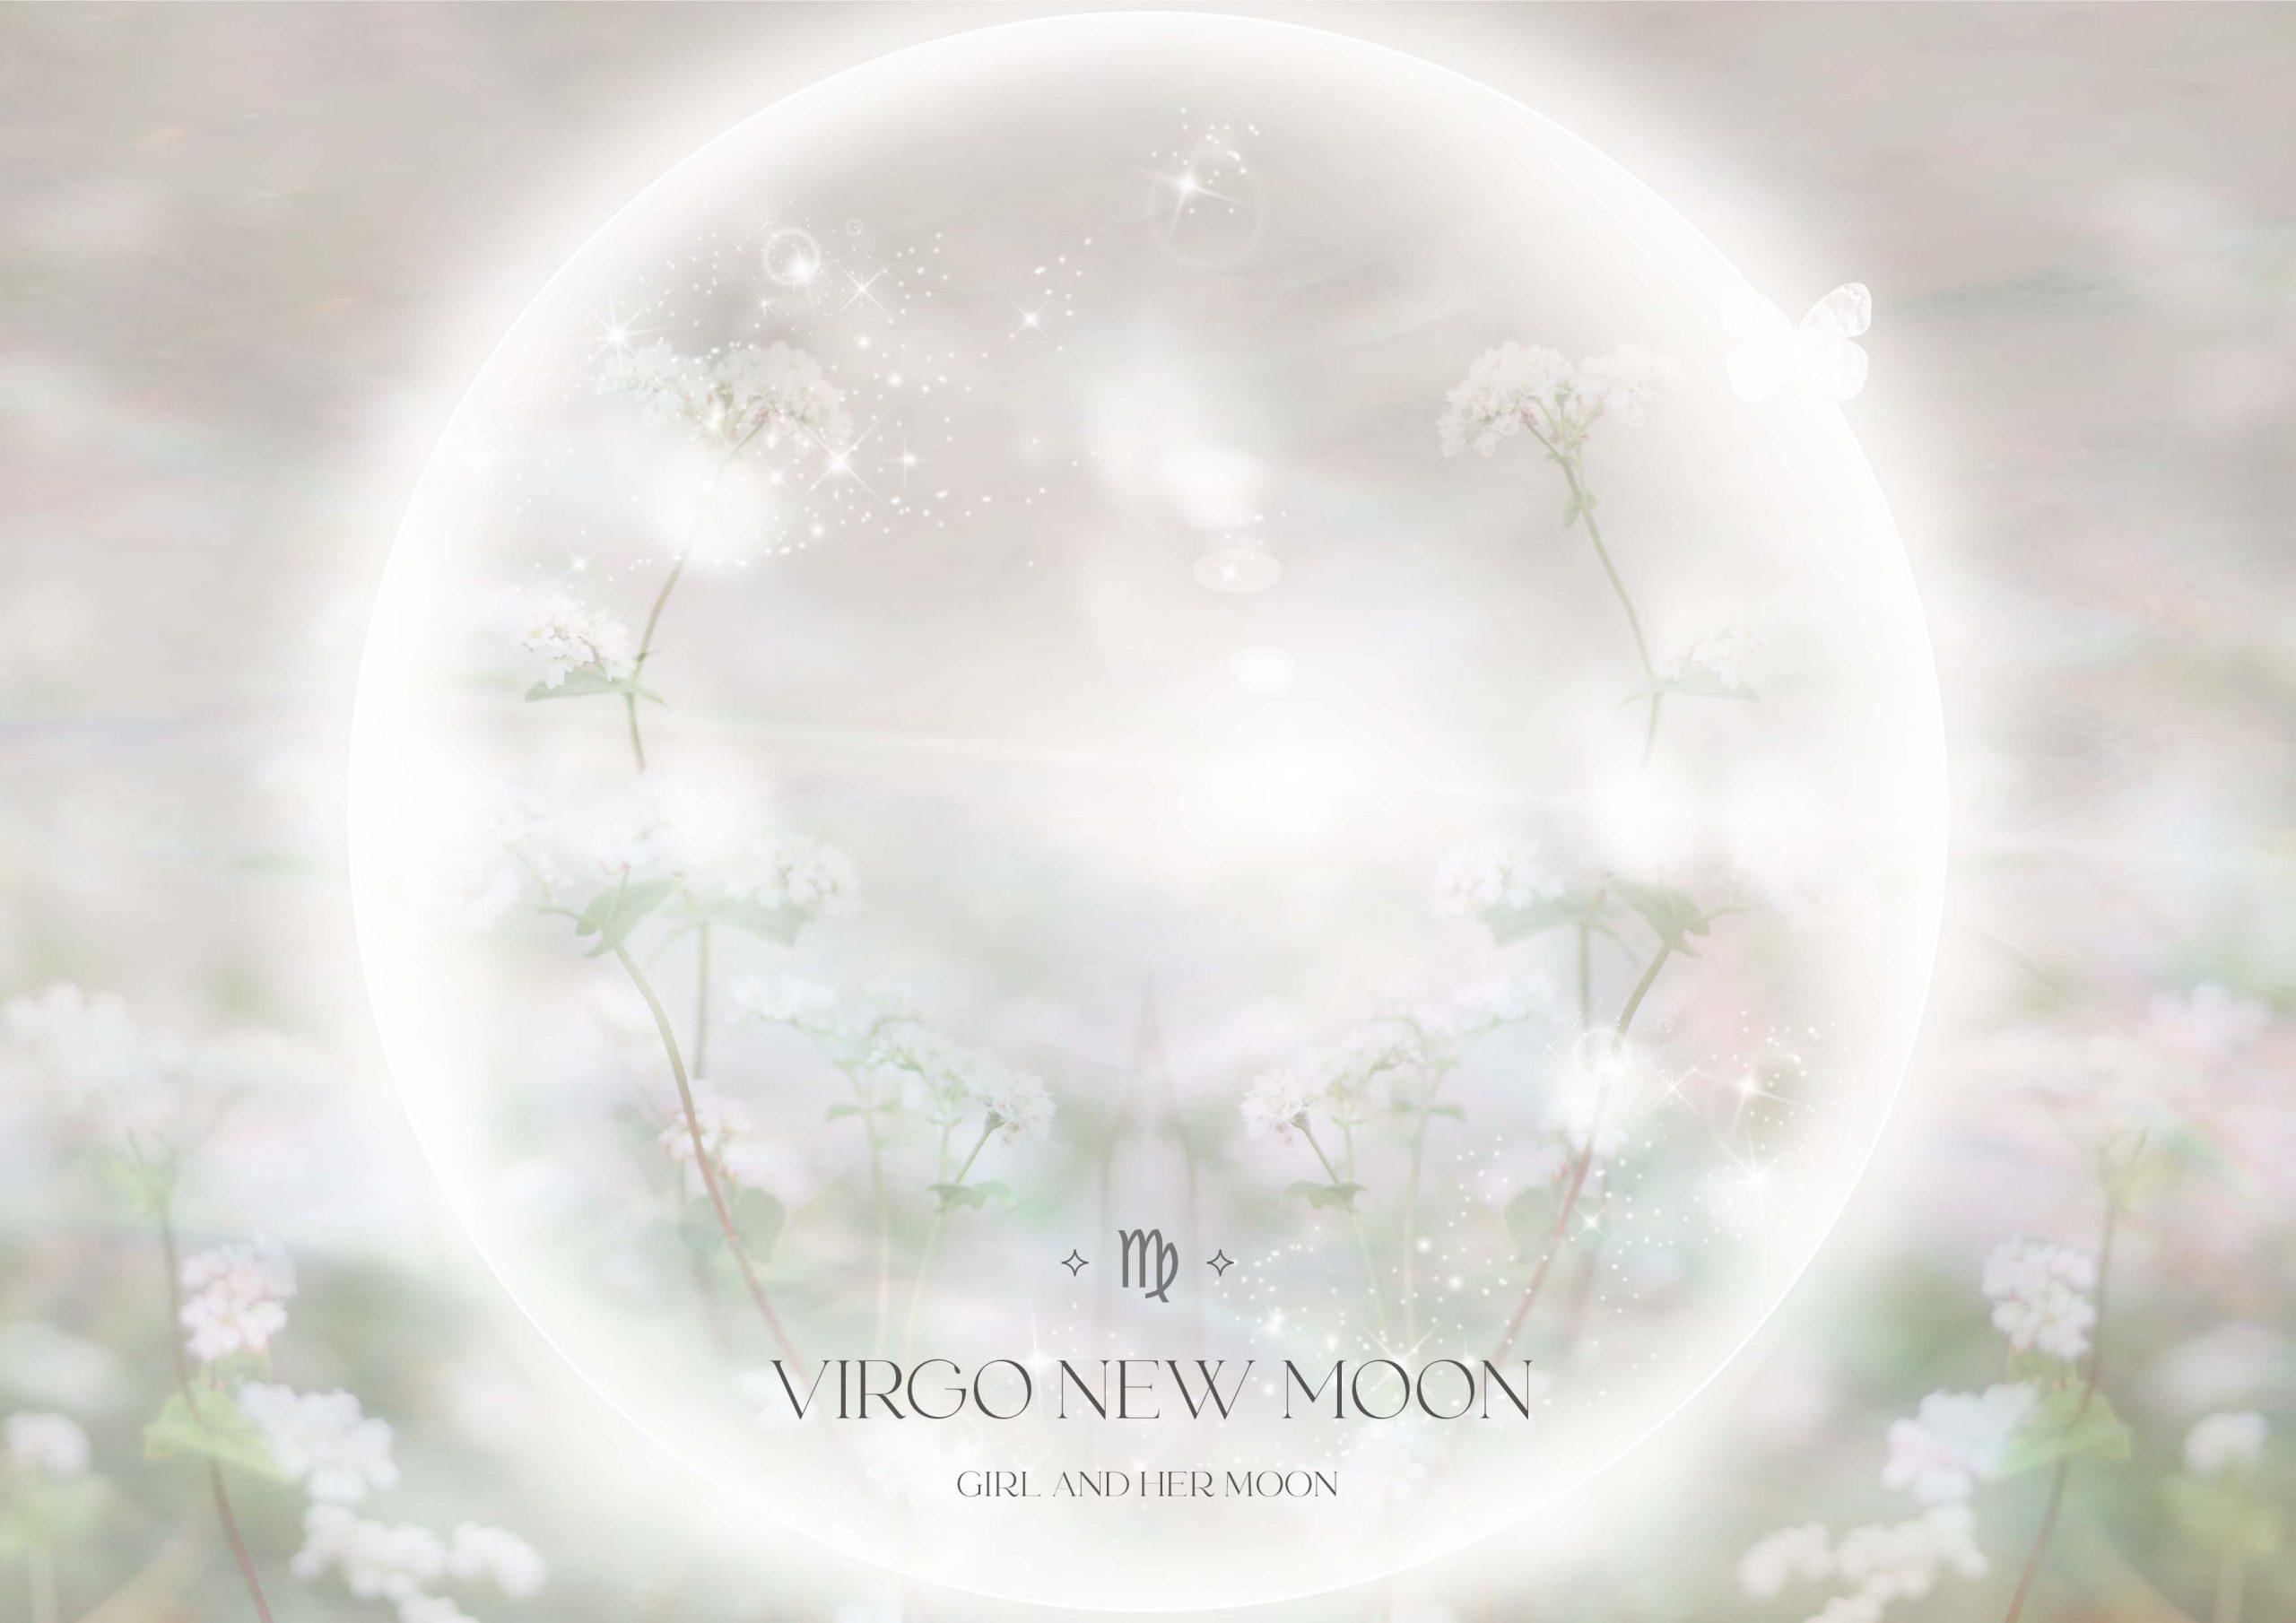 Virgo New Moon September 2021 Girl and Her Moon